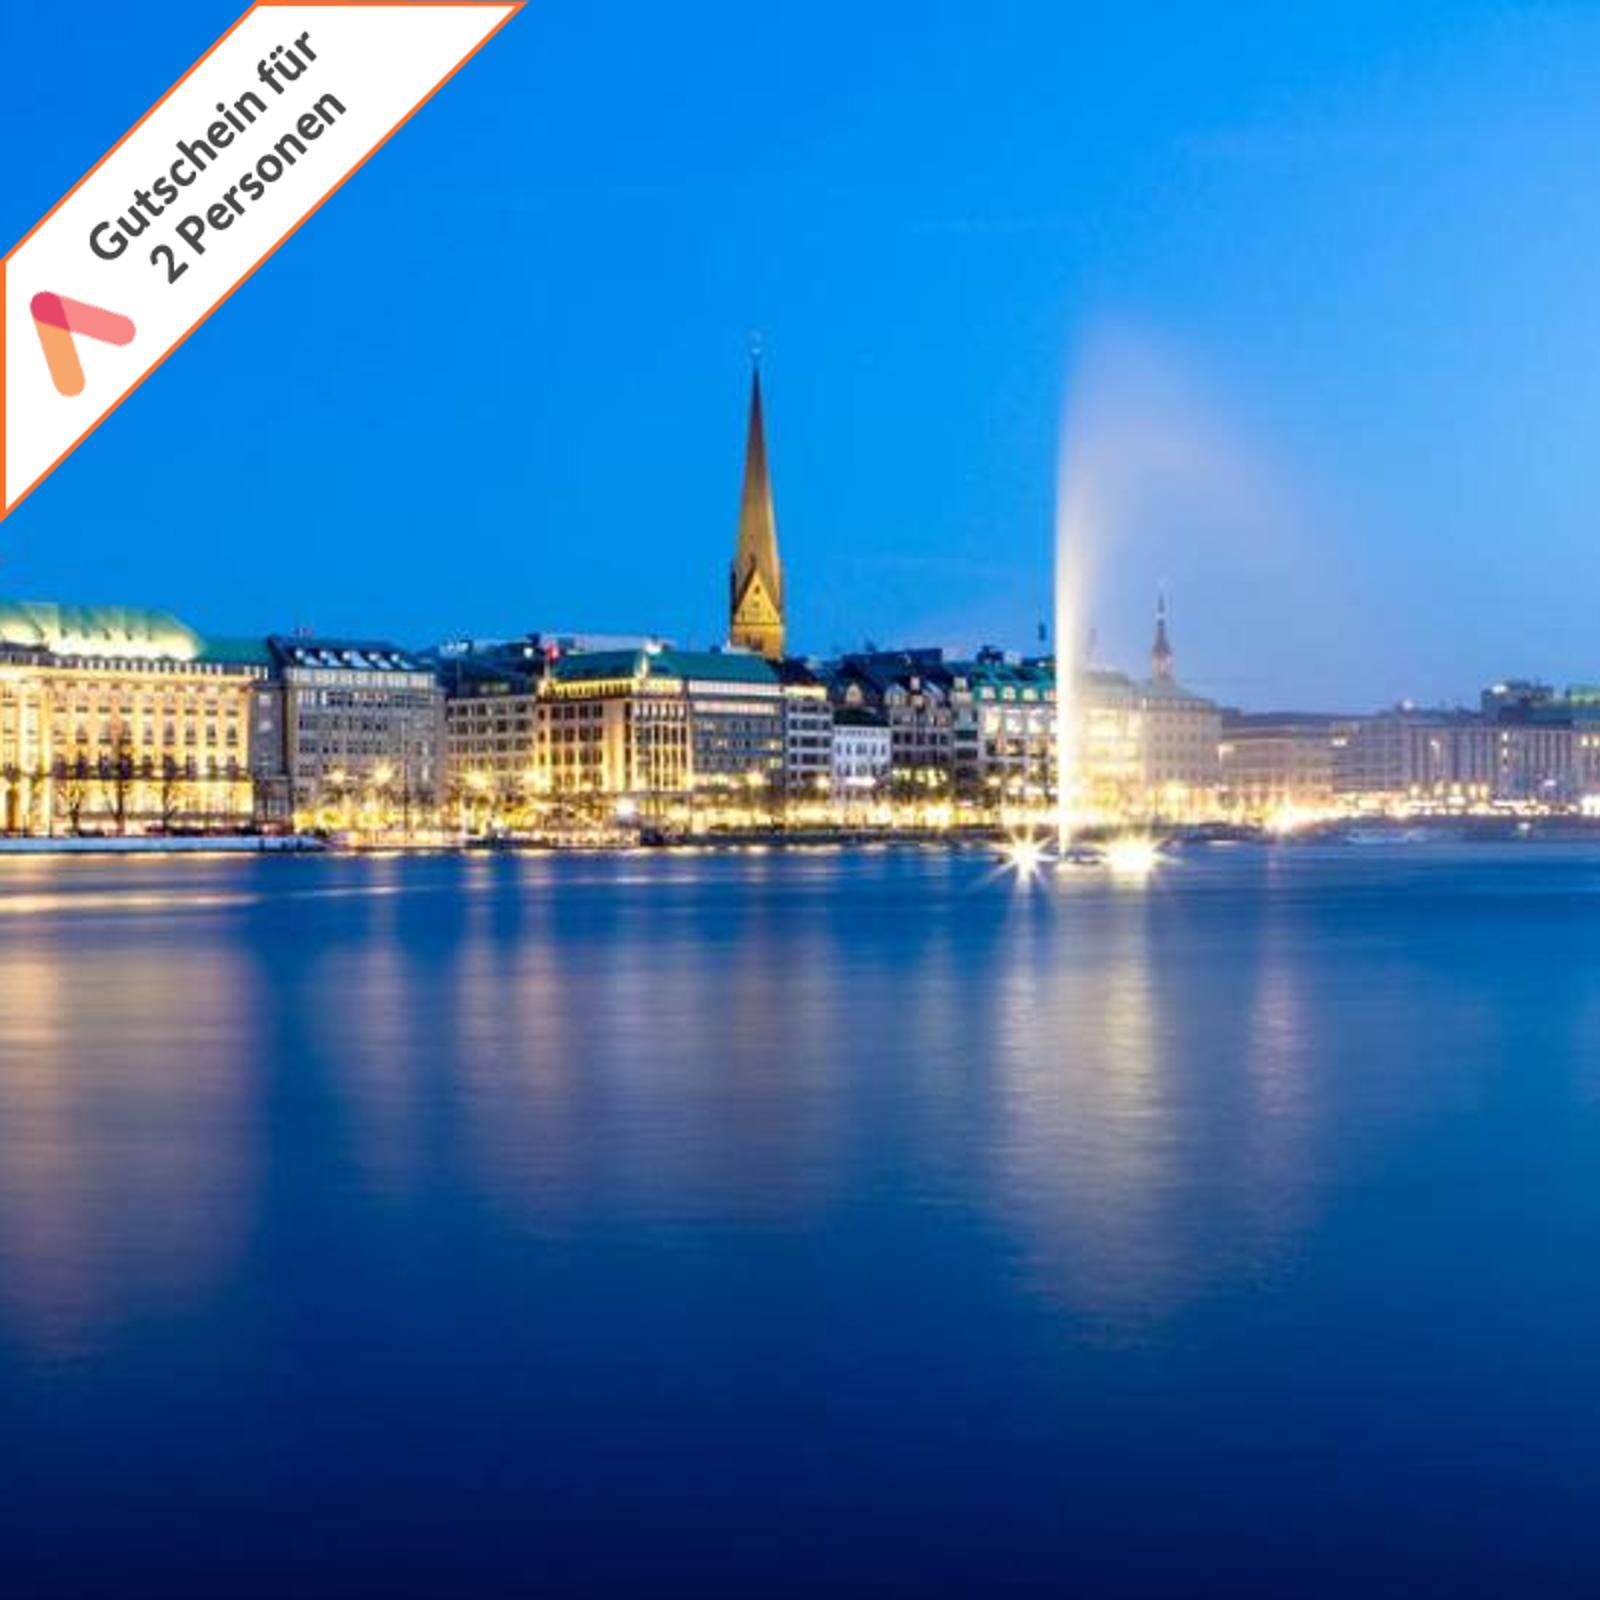 Kurzreise-Hamburg-3-Tage-im-Amedia-Hotel-fuer-2-Personen-Hotelgutschein-Animod